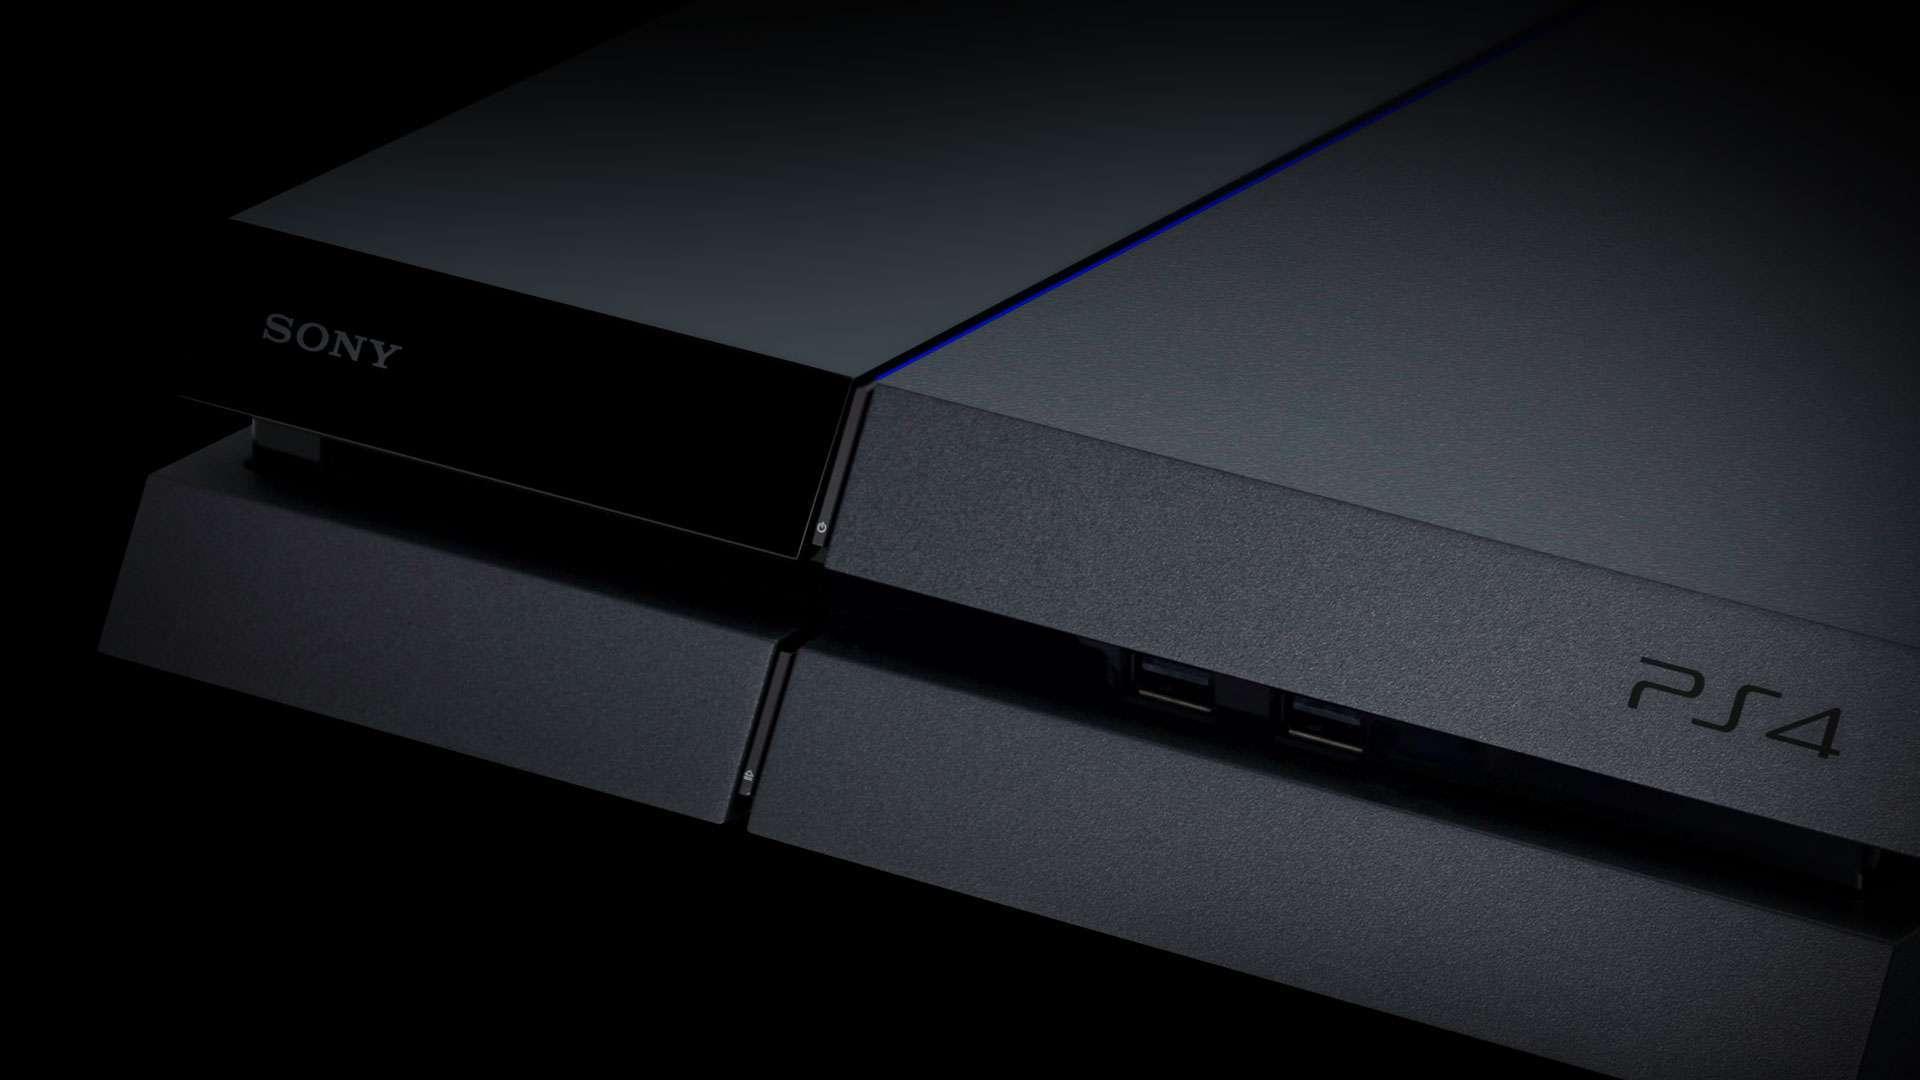 Возможно, эксклюзивы с PlayStation будут доступны на PC — в PS Store появились игры с пометкой PS Now